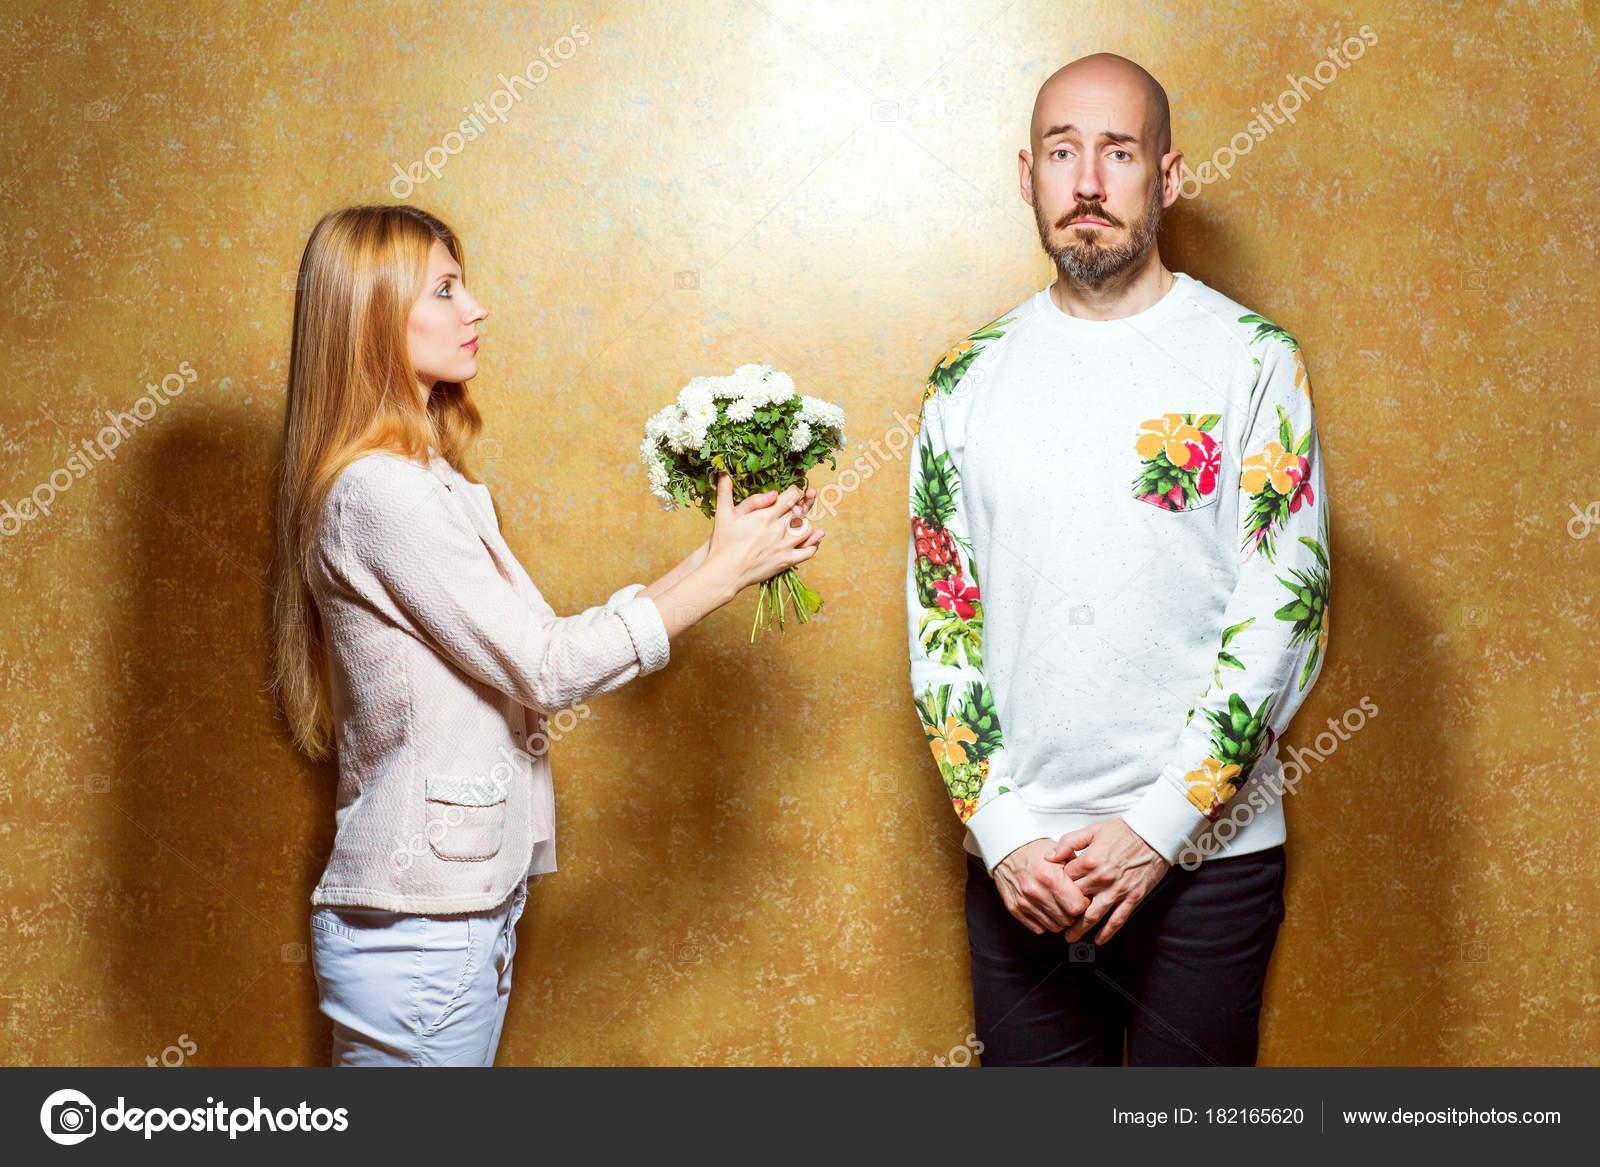 Цветок другу фото